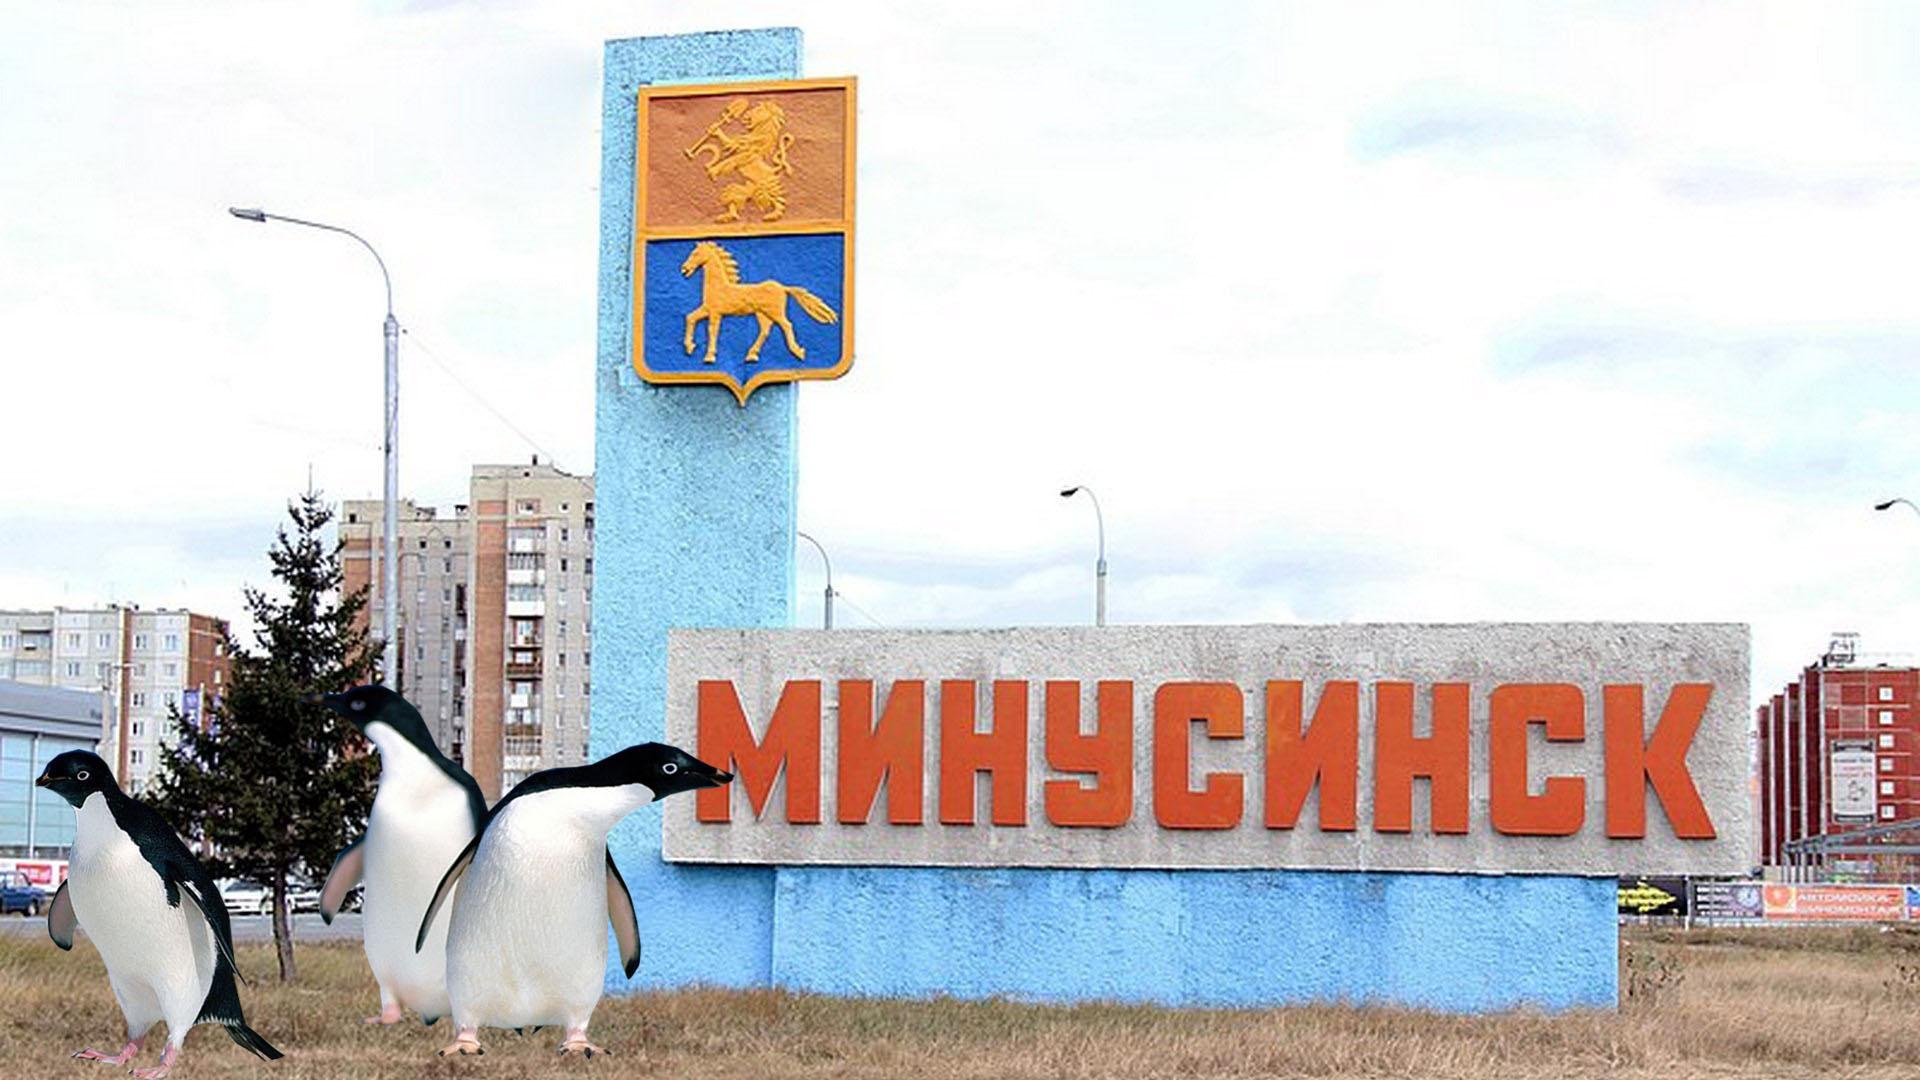 Penguin и «Минусинск»: сравнение антиссылочных алгоритмов